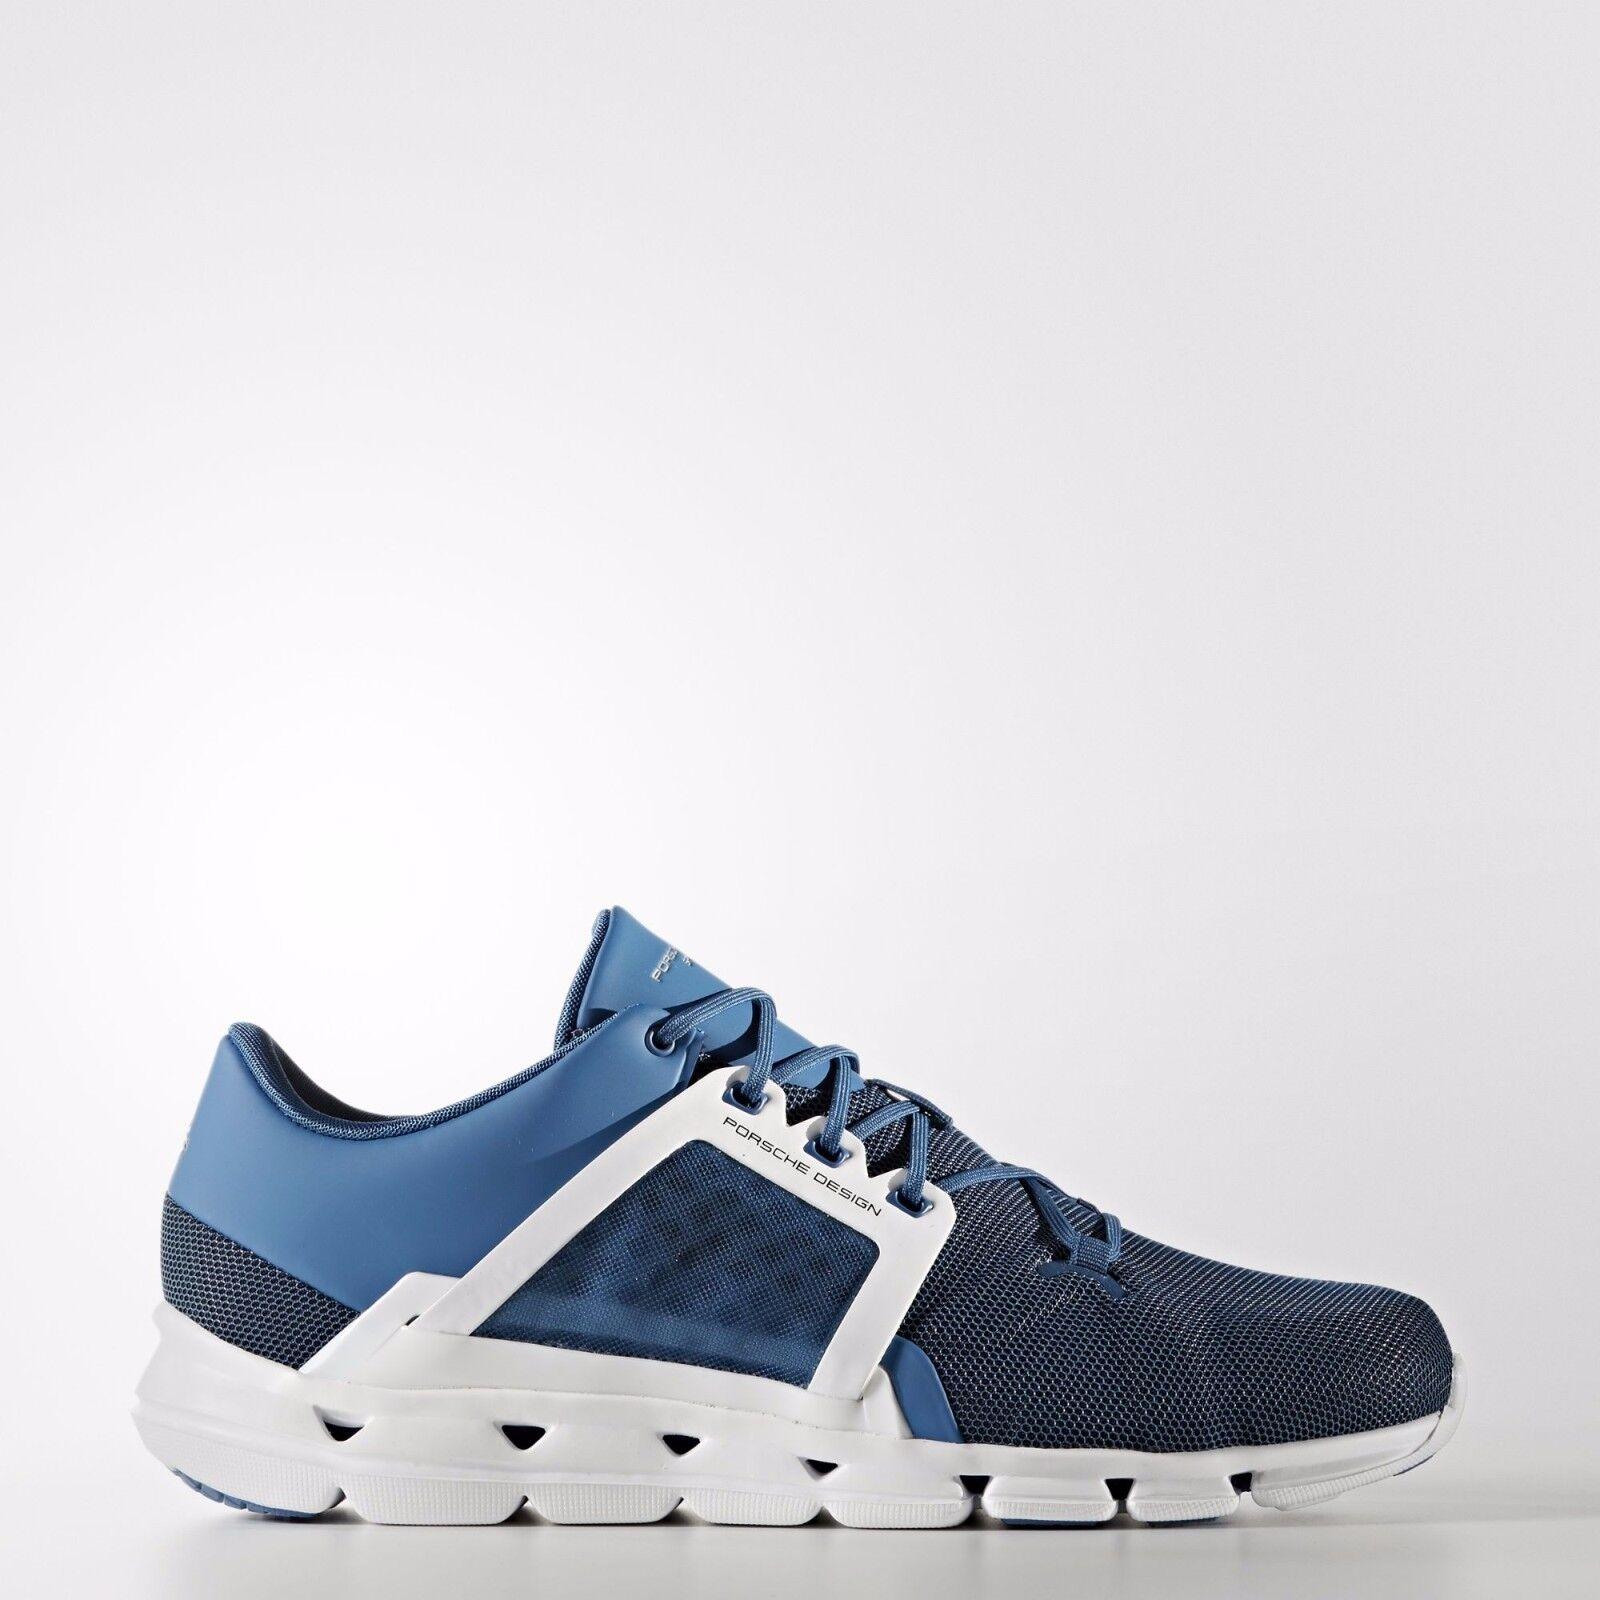 Adidas porsche design di scarpe, allenatore di atletica sport facile bb5528 10,5 rimbalzi mens   Design Accattivante    Scolaro/Signora Scarpa